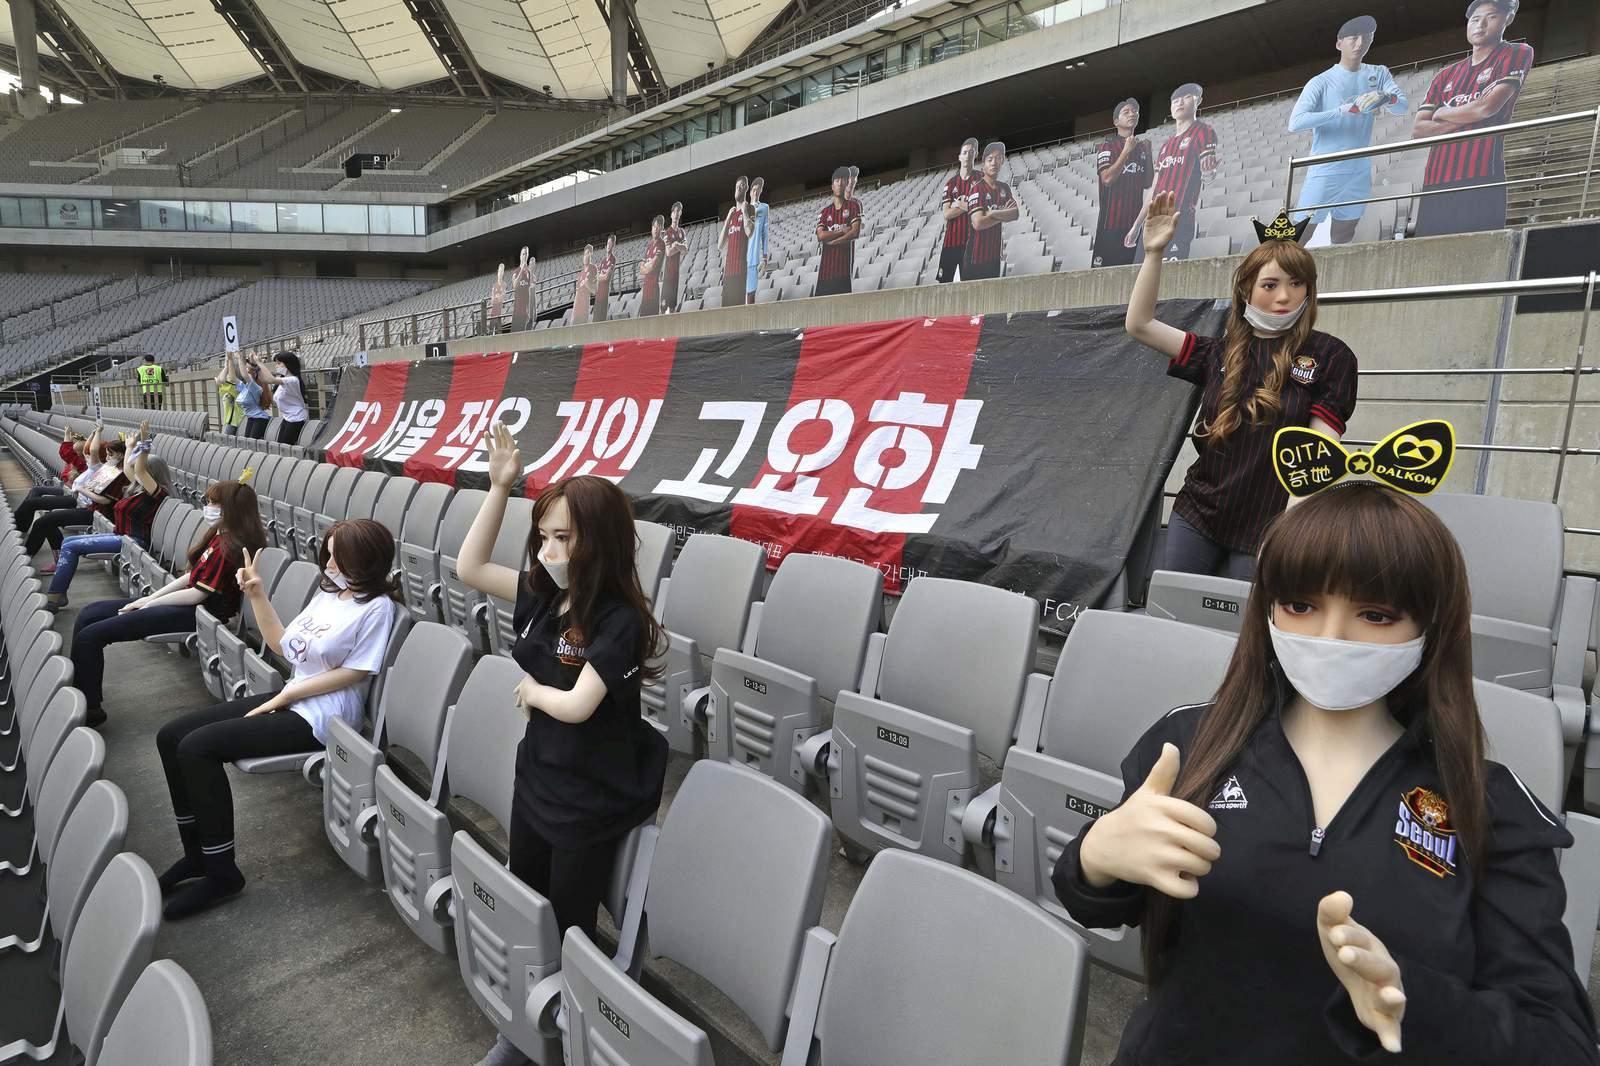 Club de fútbol coreano se disculpa por poner muñecas sexuales en asientos 11